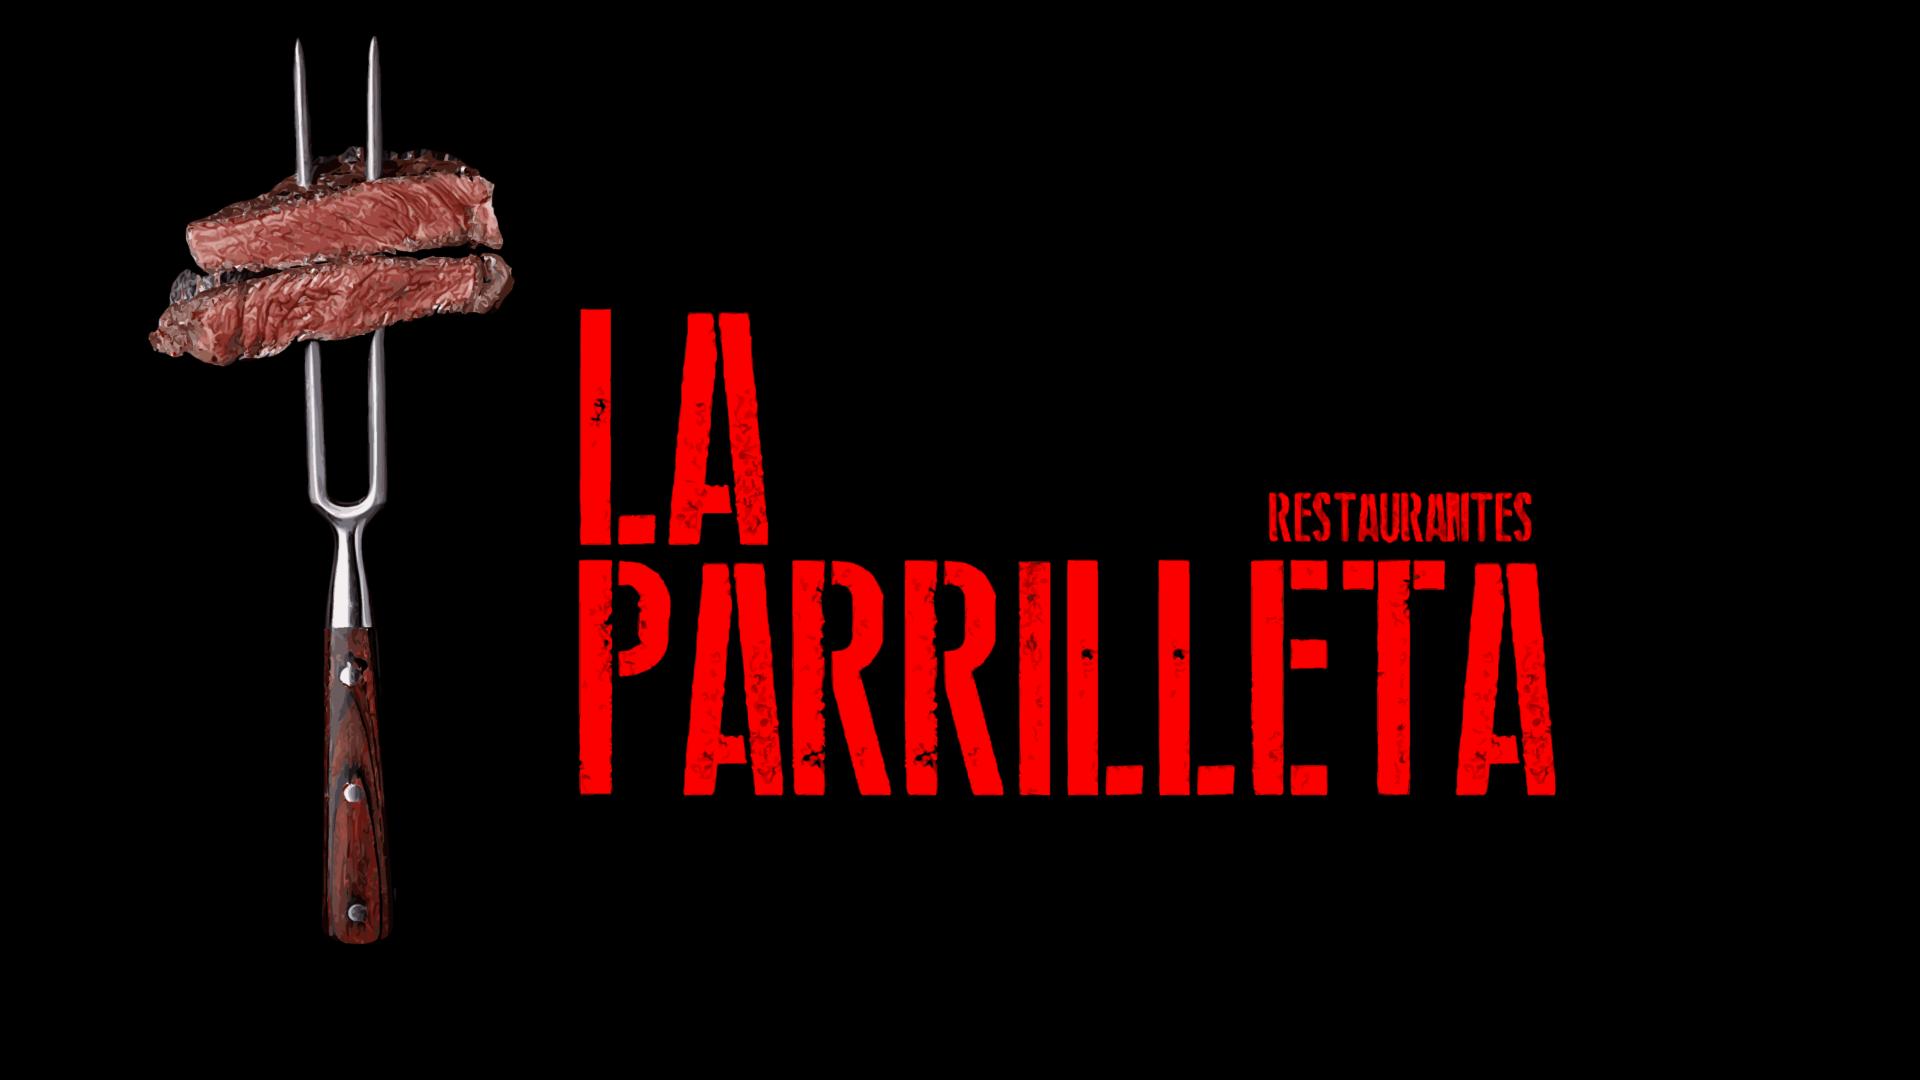 Logo La Parrilleta